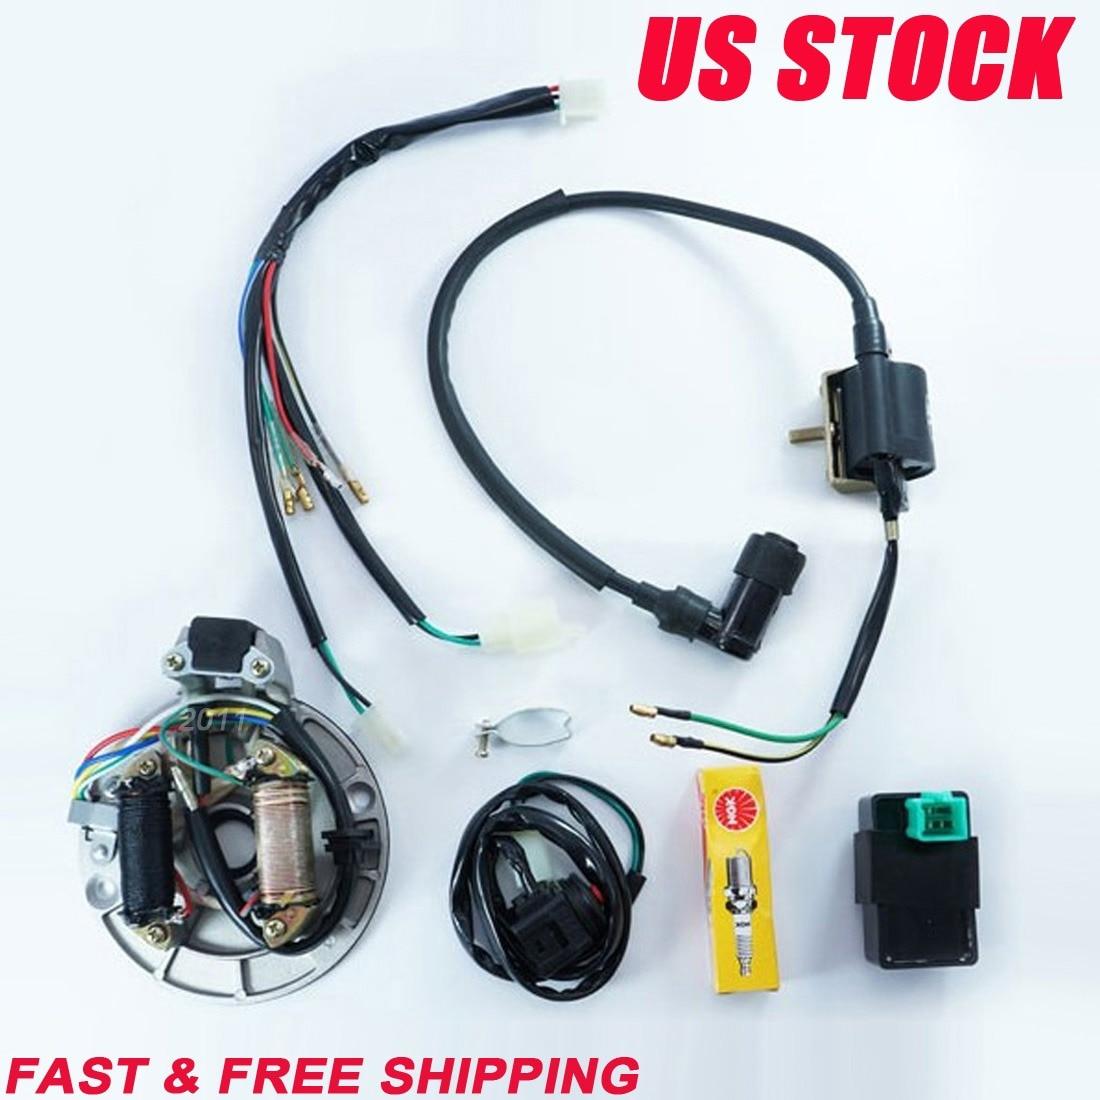 crf50 kick start wiring diagram images gallery [ 1100 x 1100 Pixel ]